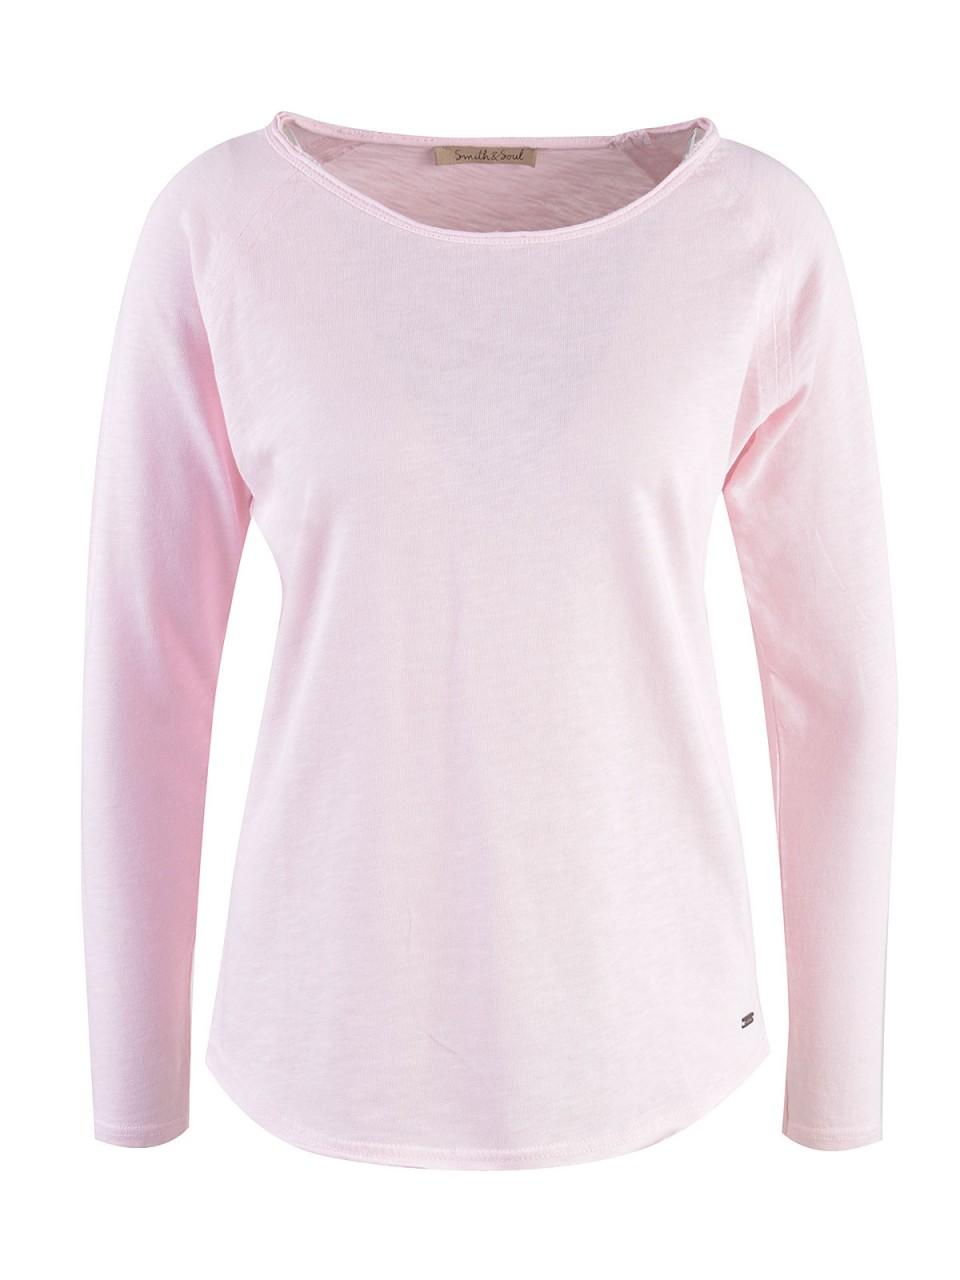 Oberteile - SMITH SOUL Damen Shirt, rosa  - Onlineshop Designermode.com